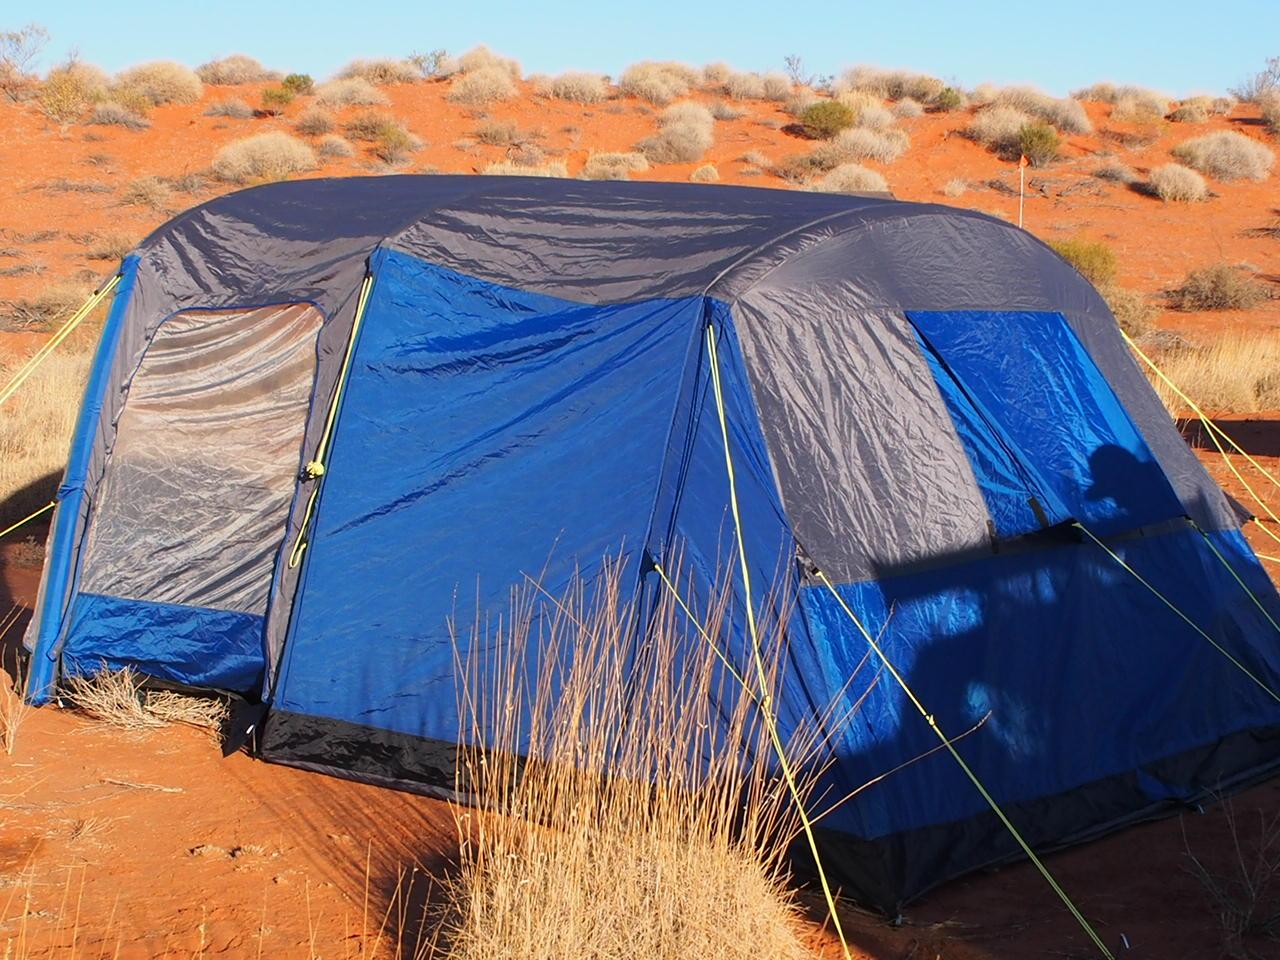 2019-07-07a eXterrain tent in dunes.JPG